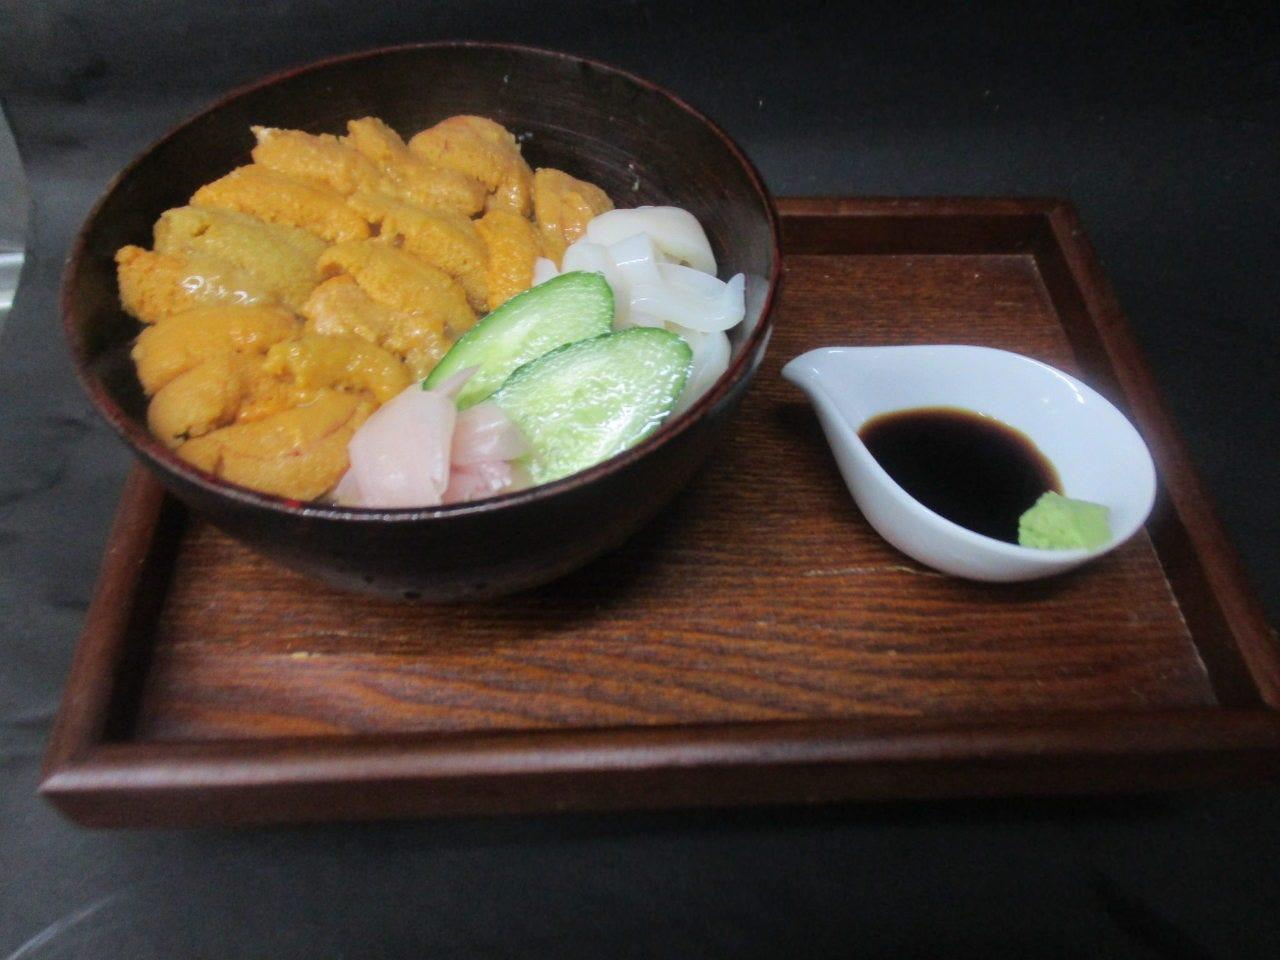 北海道産 生ウニとイカの二色小丼 890円